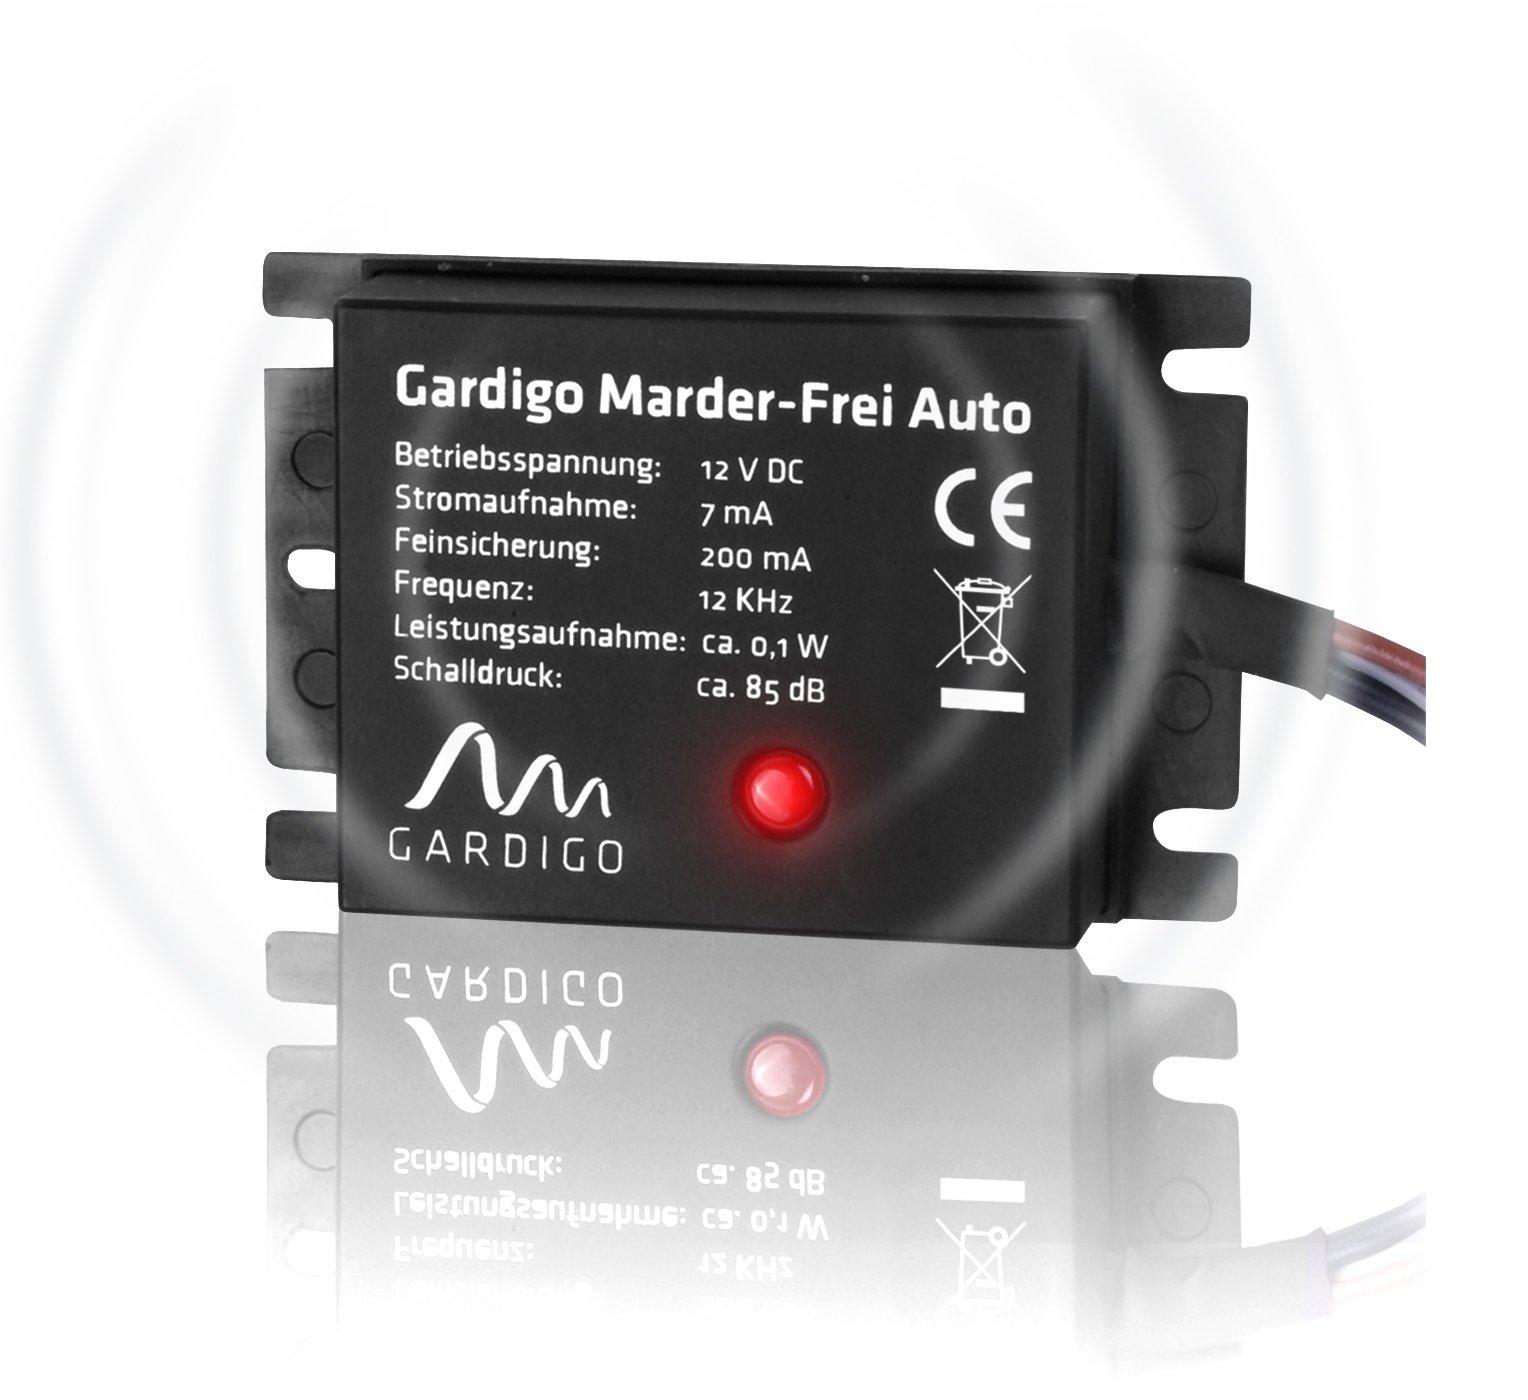 Gardigo Marder-Frei Auto / KFZ   Marderschreck   Schonender Marderschutz als Auto Zubehör   Einfacher Anschluss an 12V Autobatterie product image